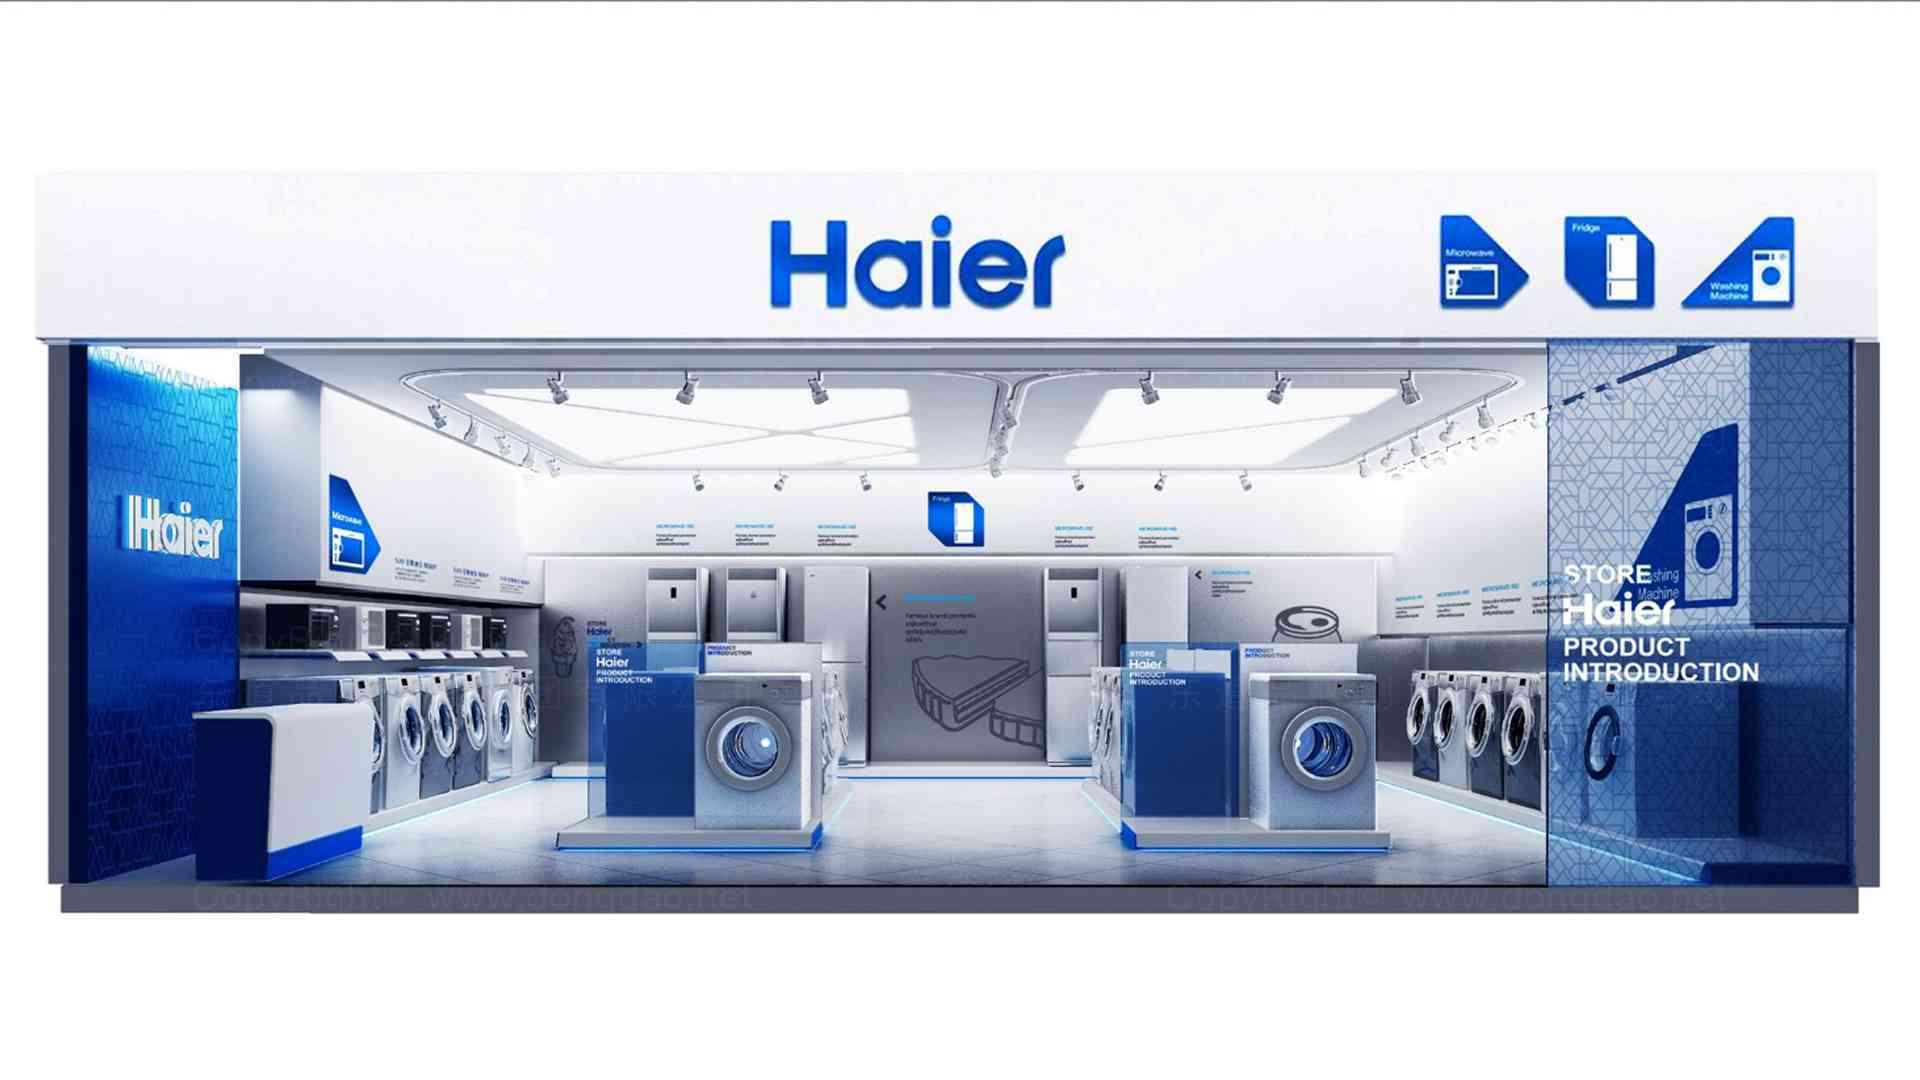 商业空间&导示案例海尔海尔专卖店设计